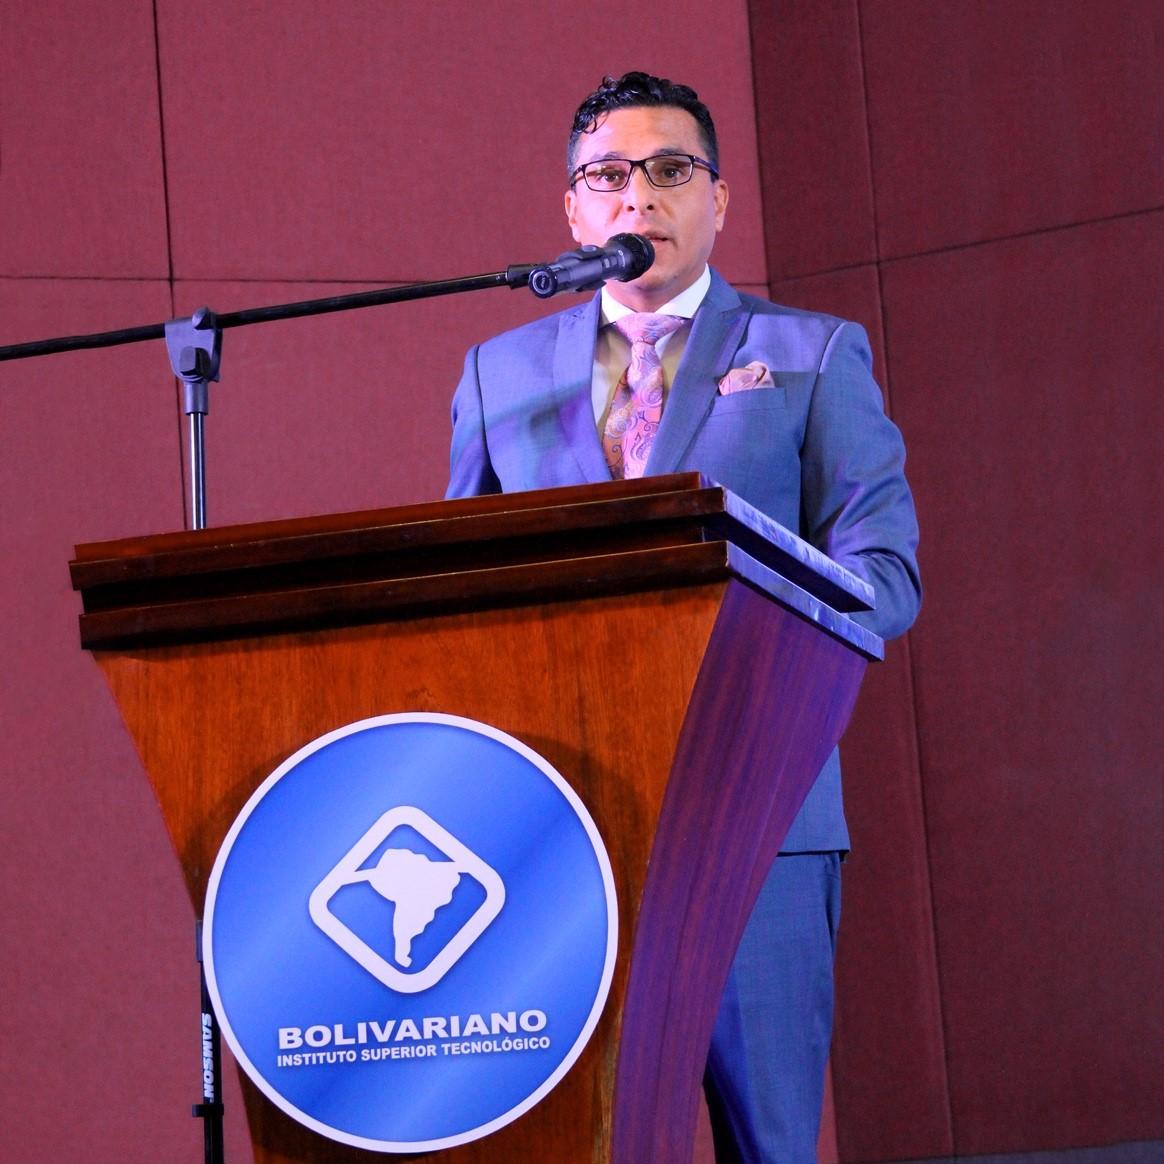 Municipio de Loja entregará reconocimiento a rector del Bolivariano